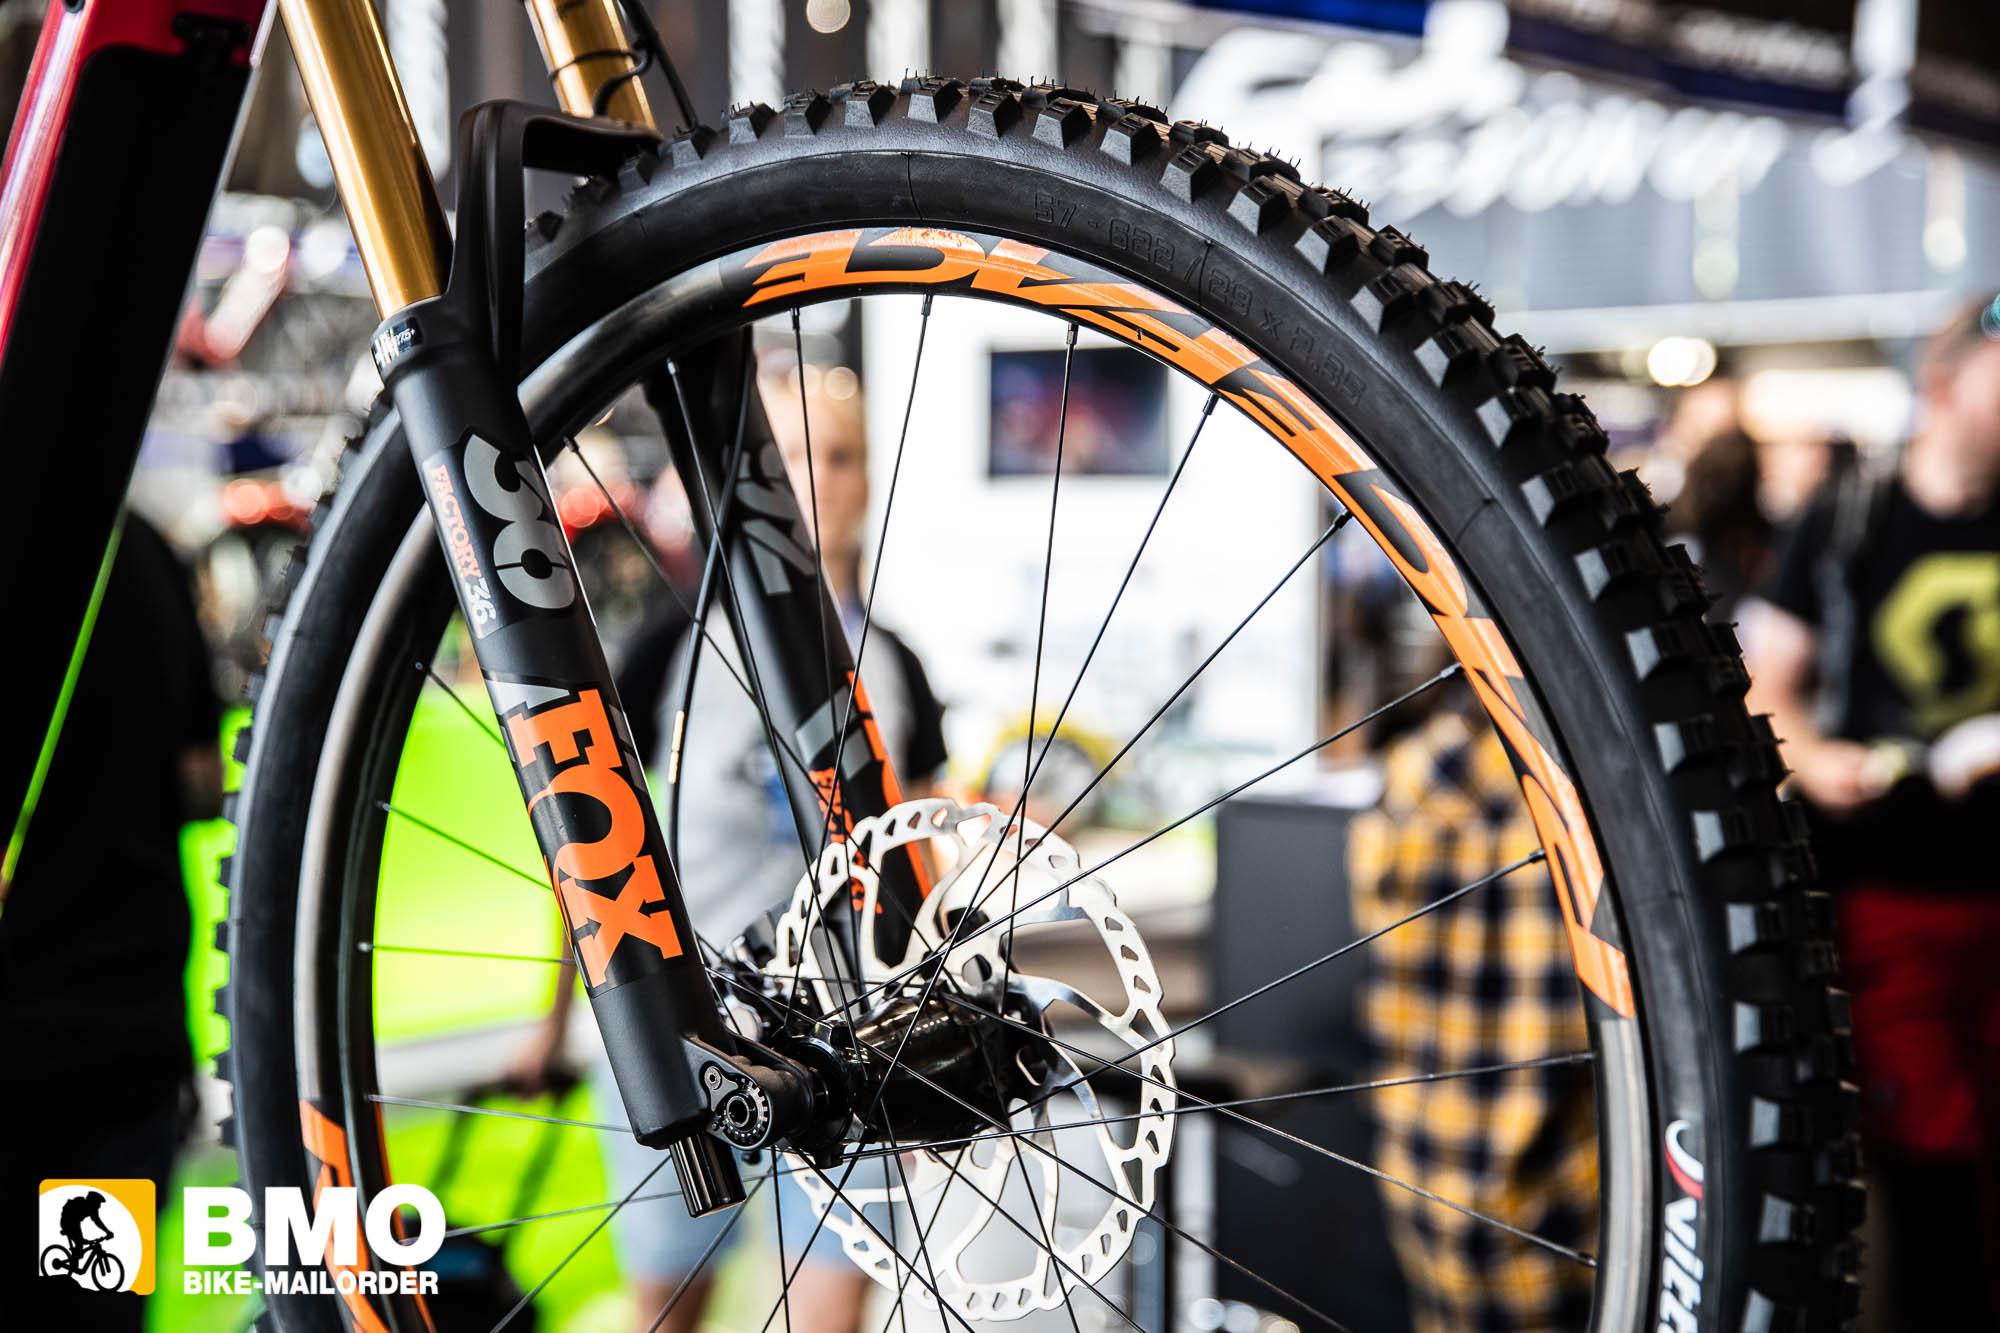 Bike-Mailorder_eurobike-2019-13